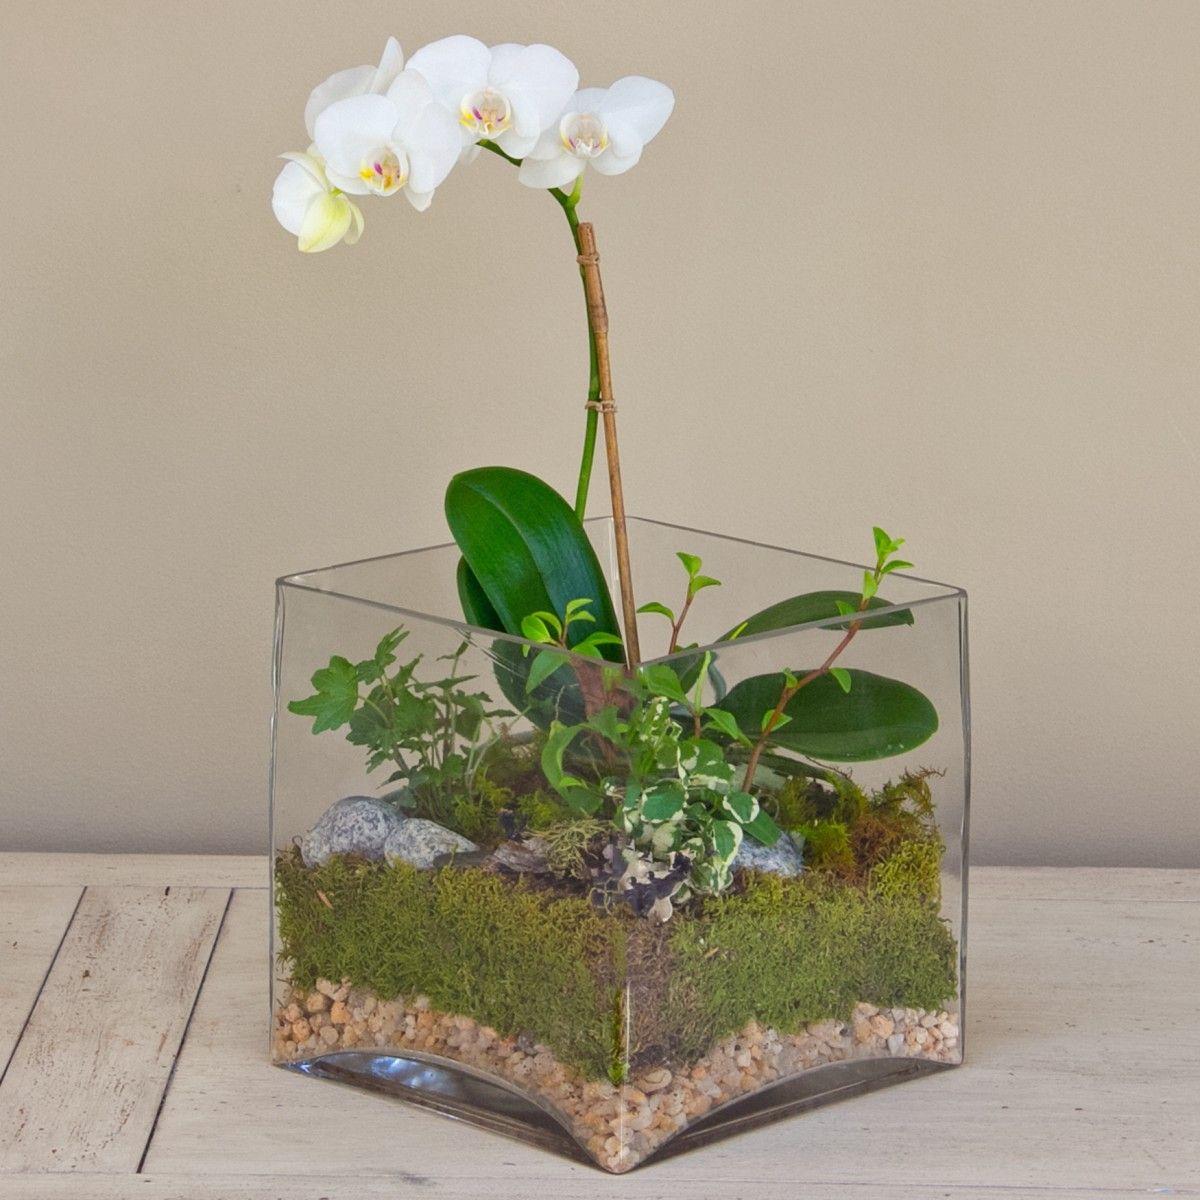 Orkide Terrarium Google Da Ara Diy Orchids Orchid Terrarium